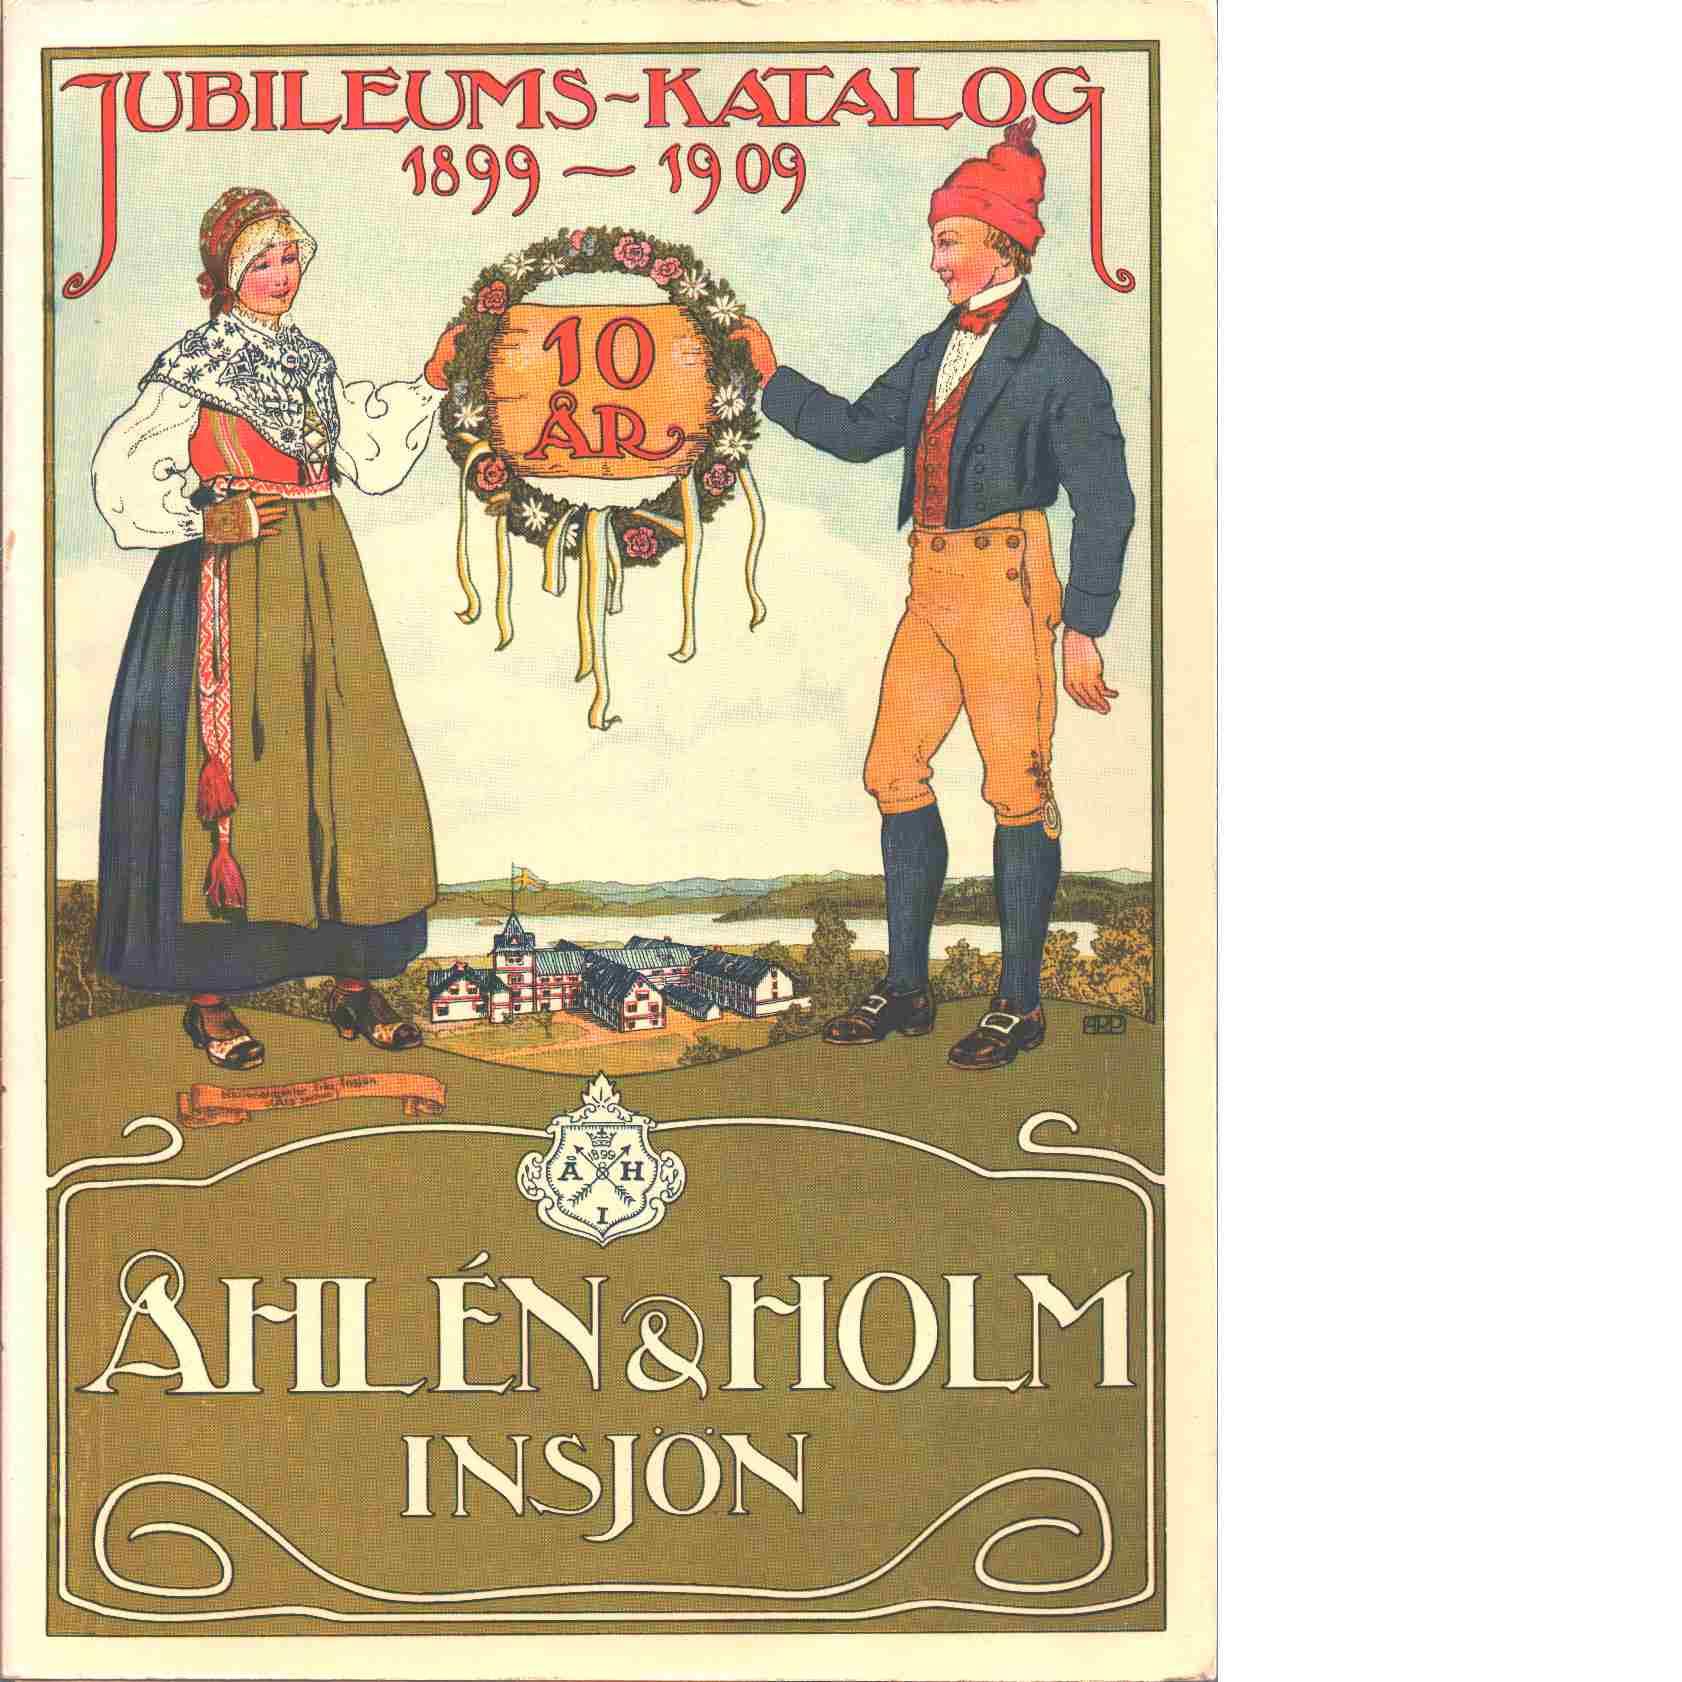 Jubileumskatalog 1899-1909 : 10 år - & Holm, Insjön, Åhlén